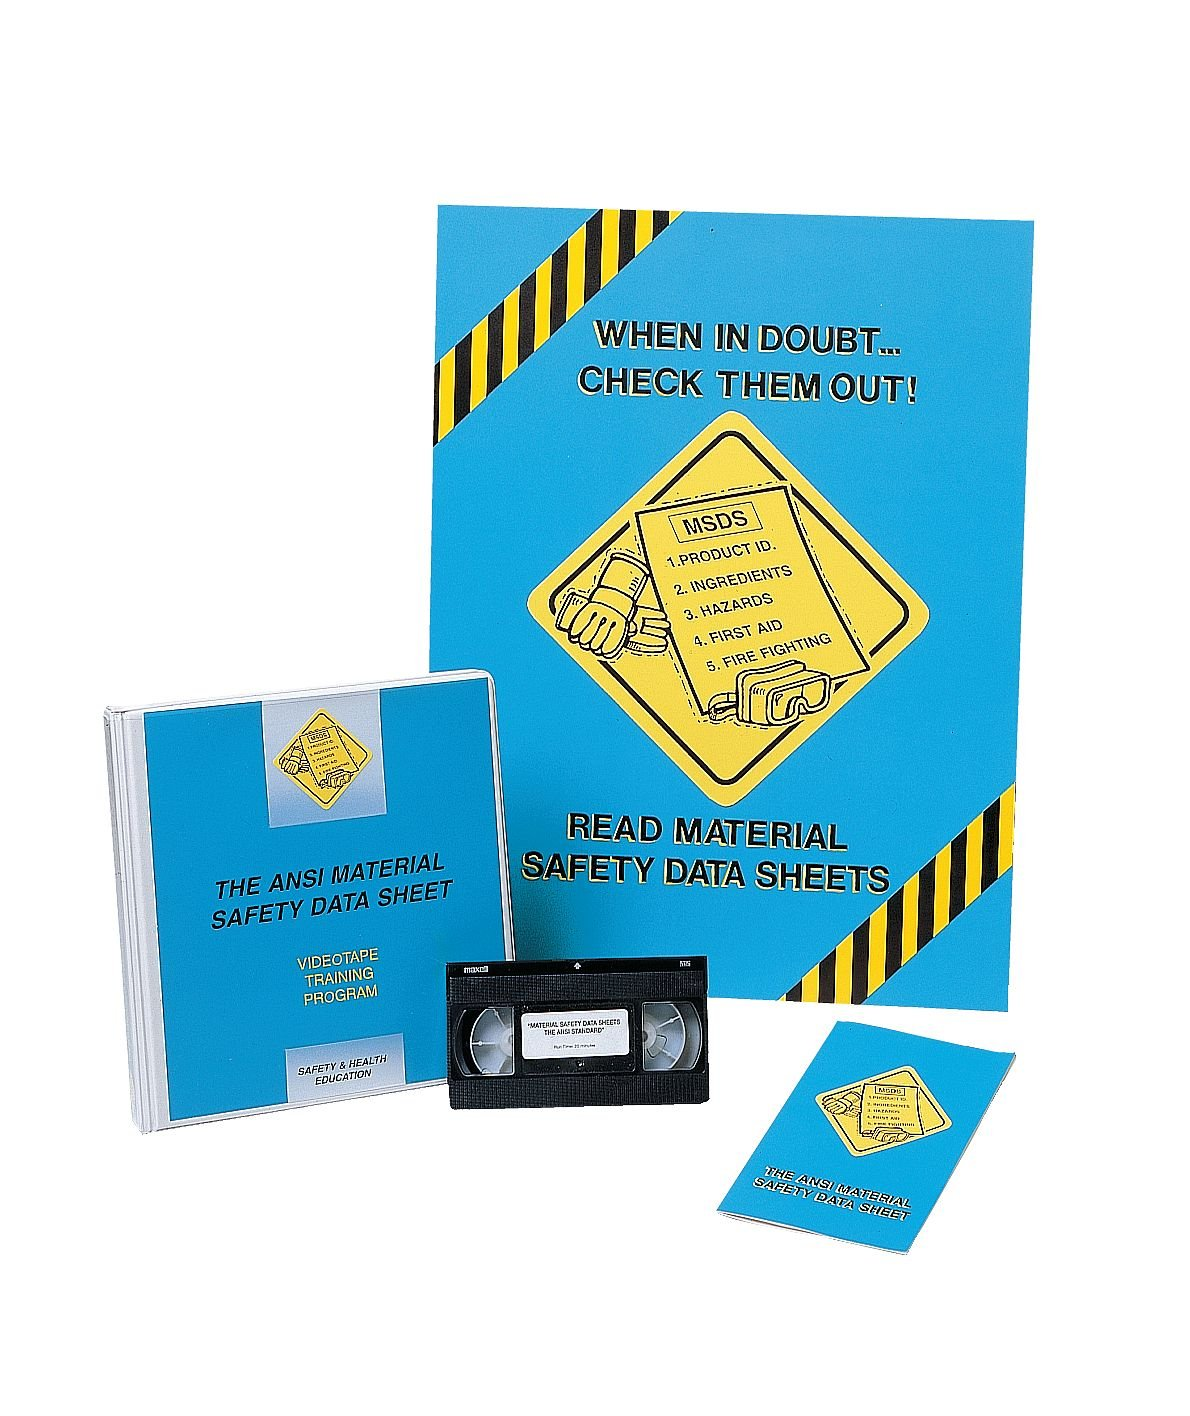 Marcom Group V000MHS9EM Materials DVD Handling Safety Sales Price reduction Training